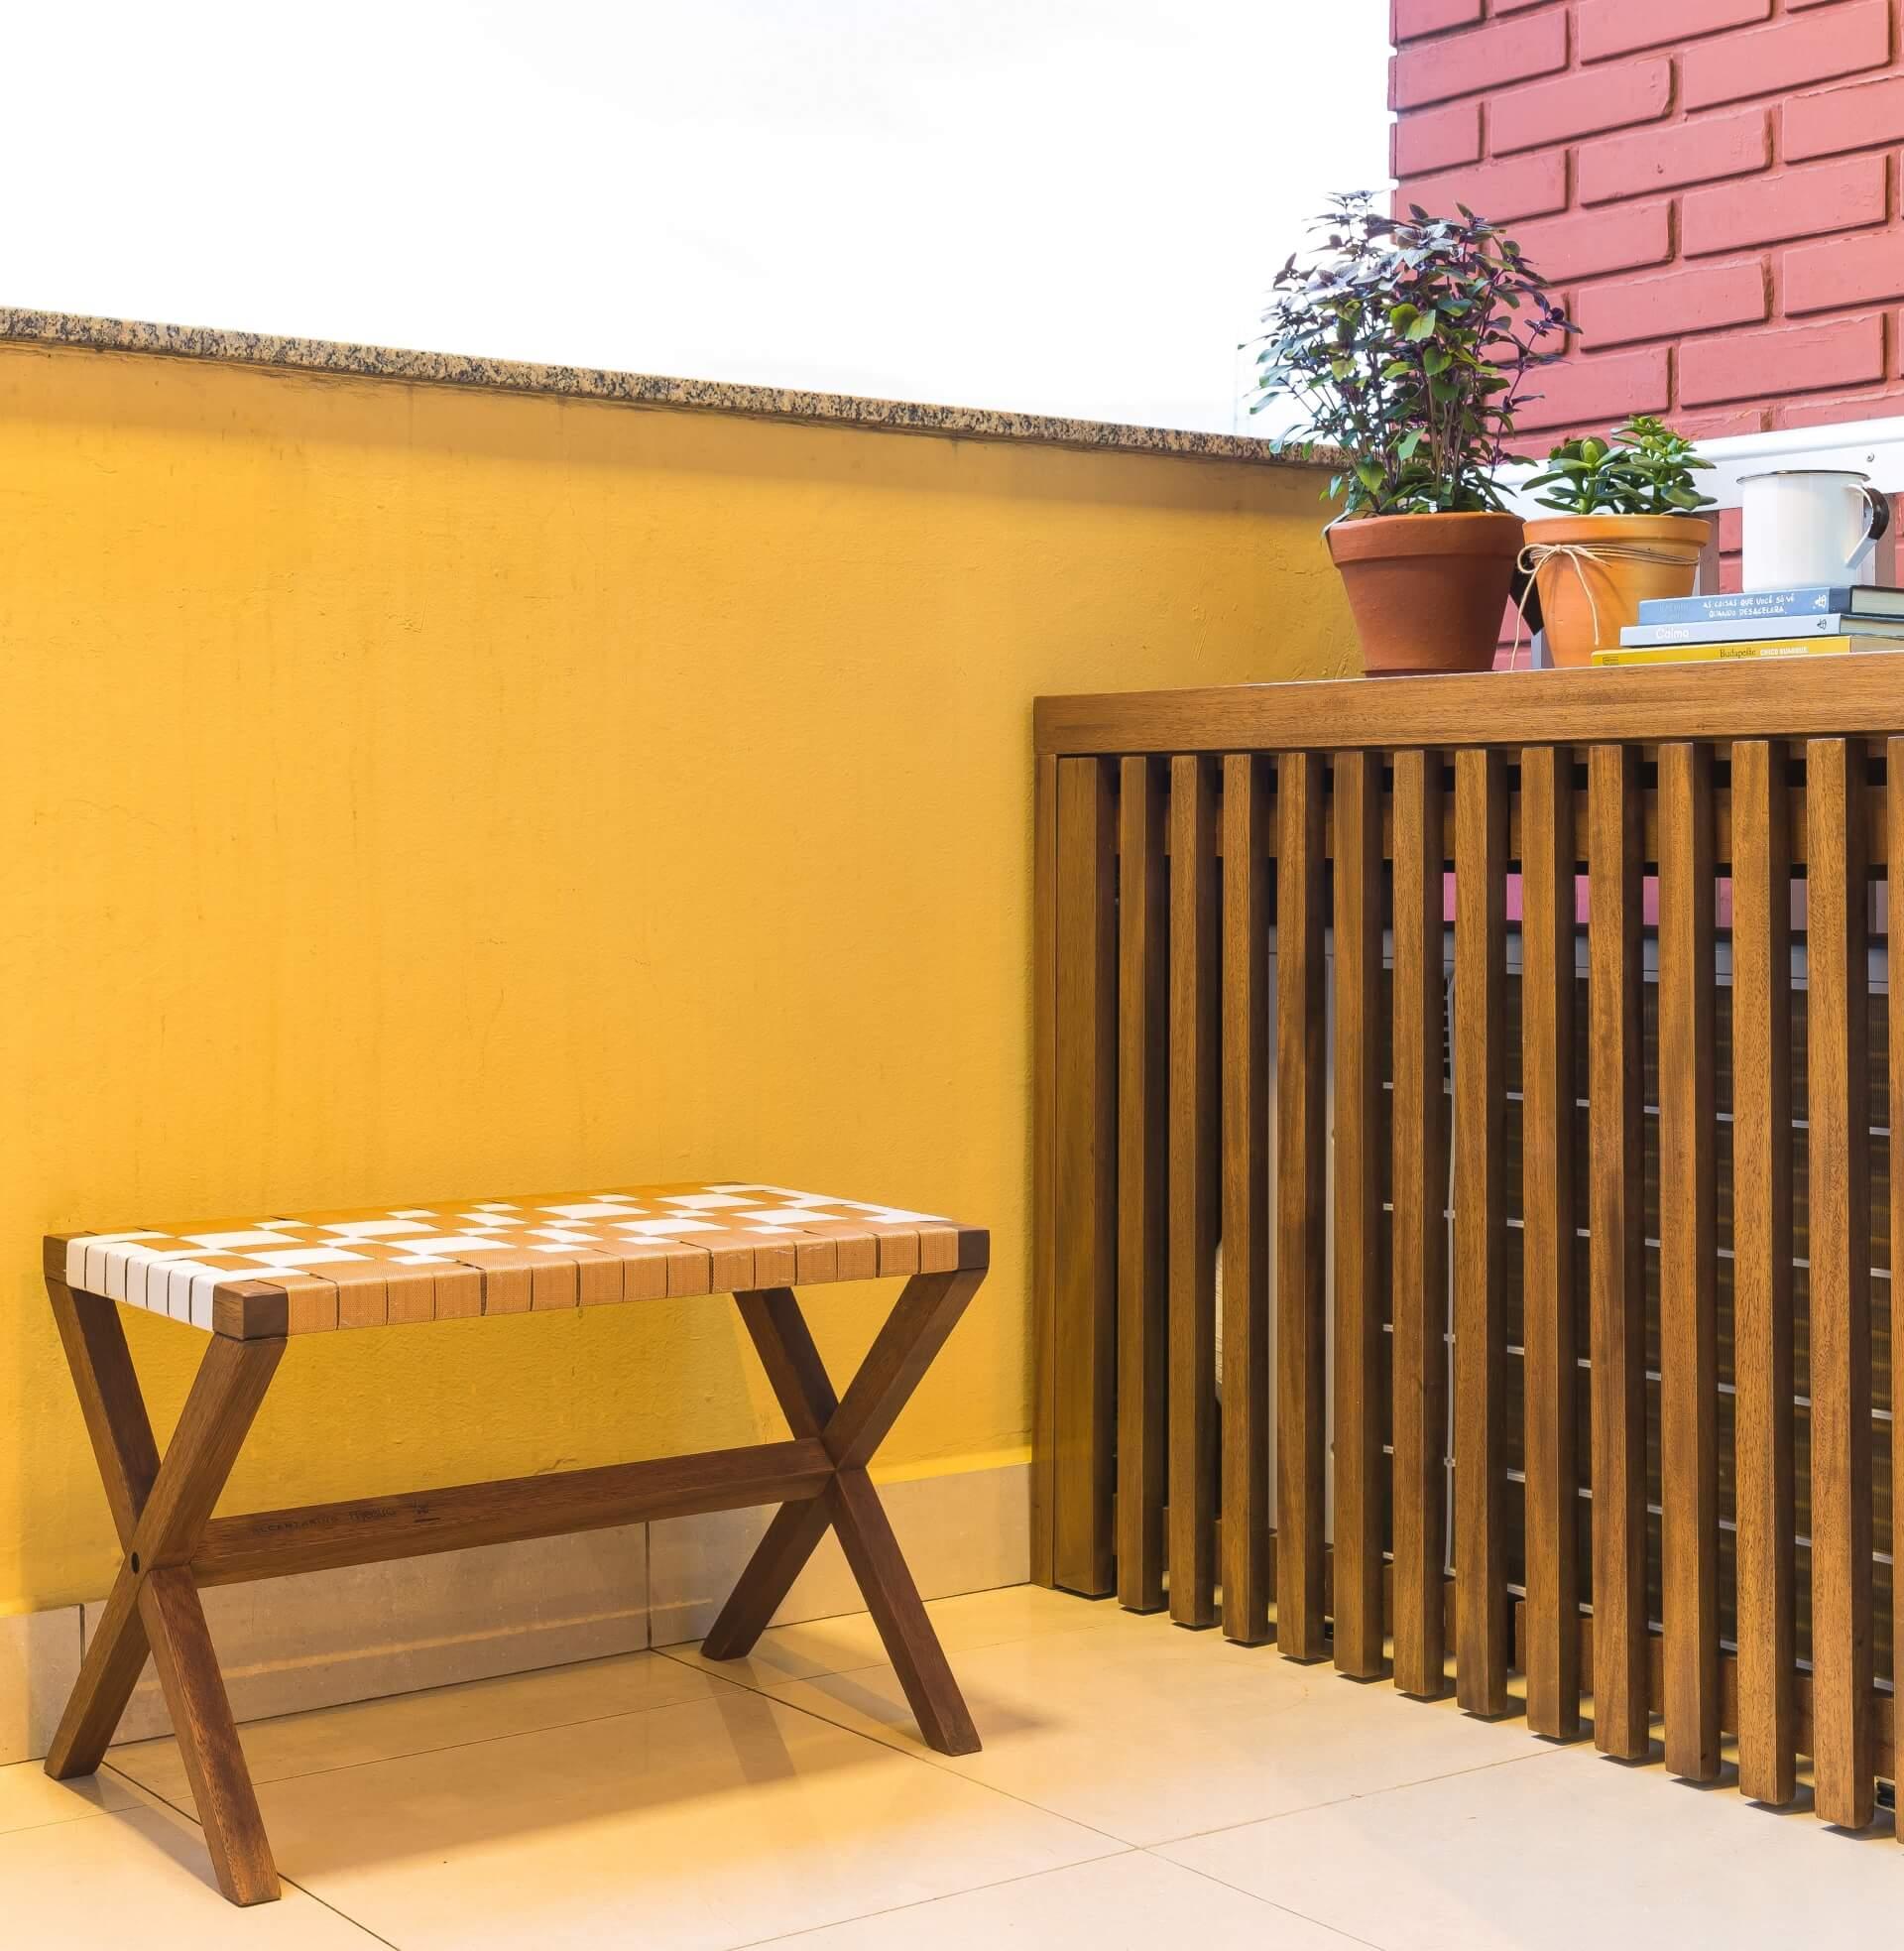 Nesse apartamento, a bancada serviu também como apoio para a mini hortinha. Projeto: Arquiteca Projetos Afetivos.